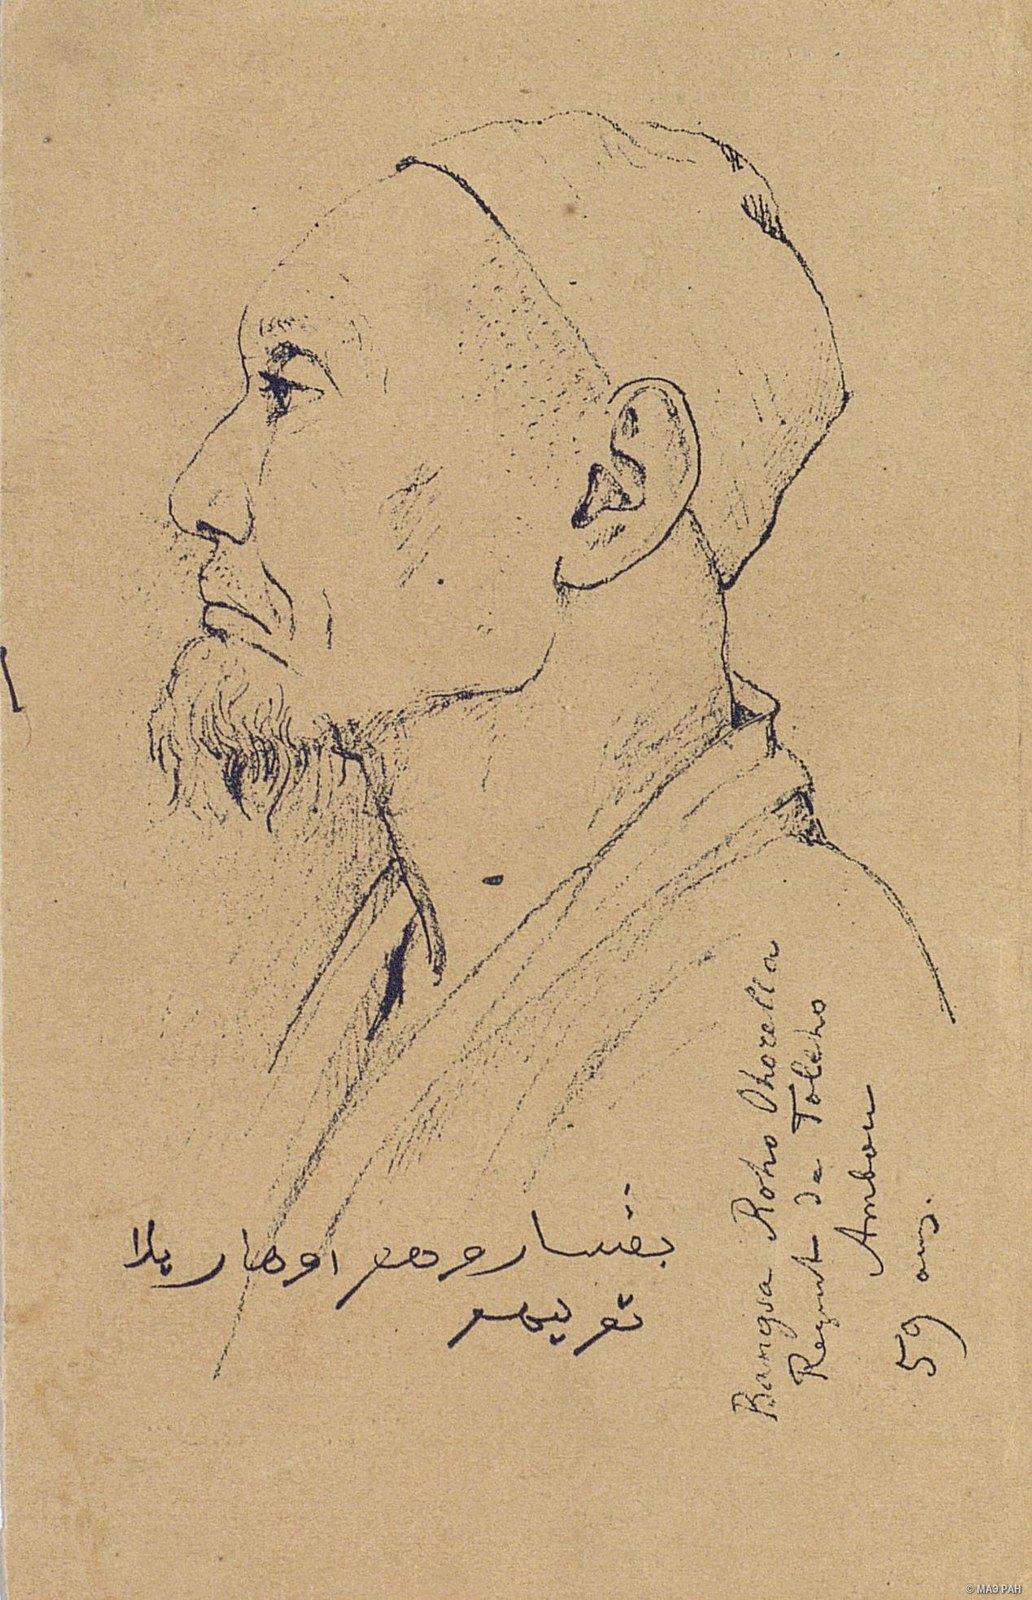 1873-1874. Бангса Рохо Охорелла, 59 лет, правитель деревни Толехо. Голландская Ост-Индия